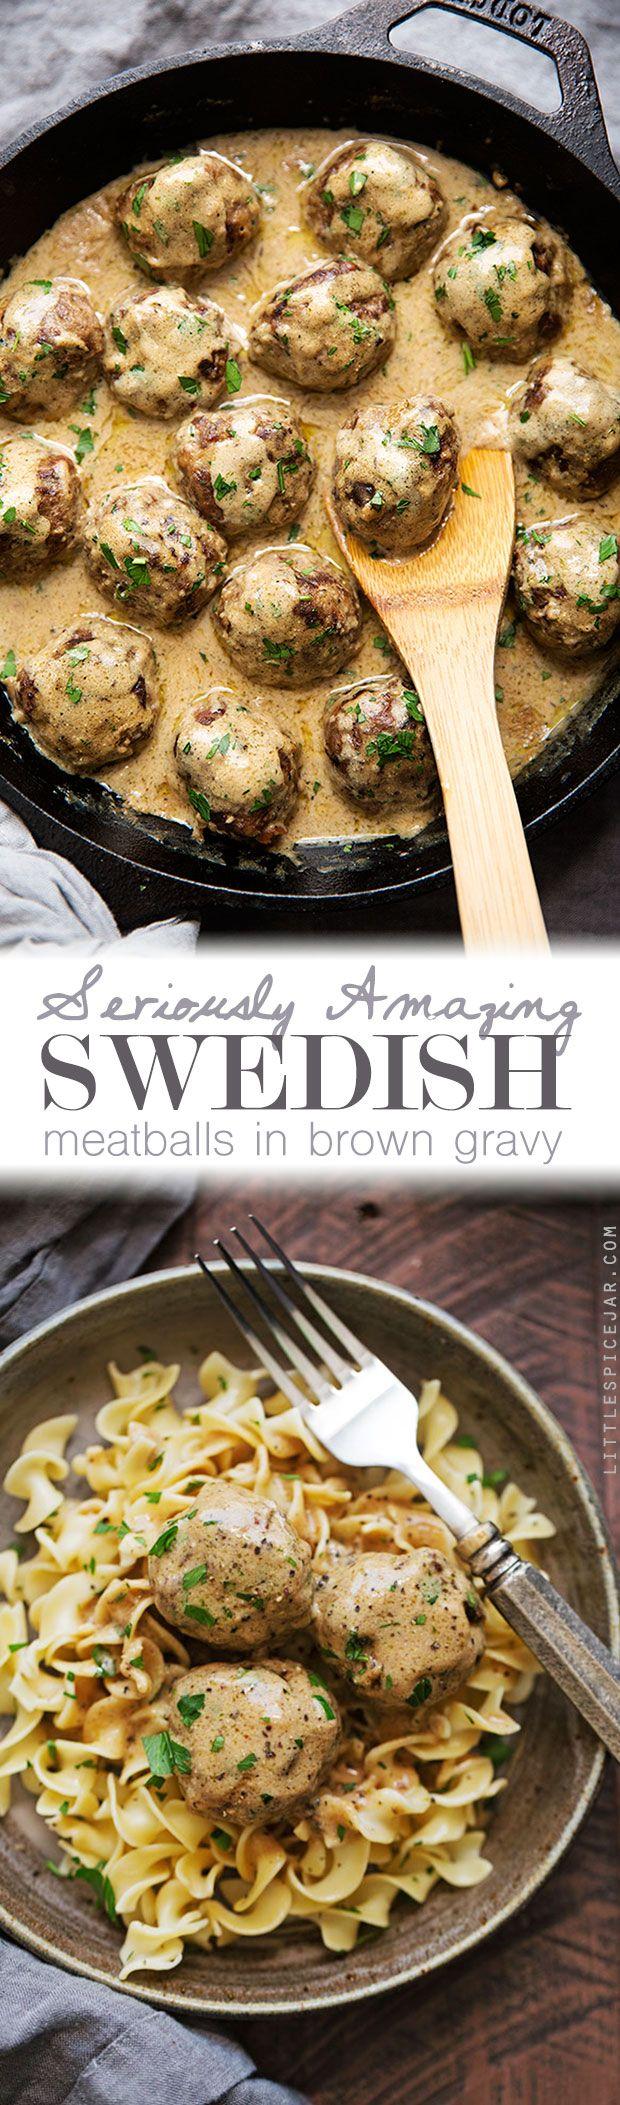 En serio asombrosos suecas Albóndigas en salsa cafe - albóndigas abundantes y reconfortantes en la más deliciosa salsa marrón nunca!  #swedishmeatballs #meatballs #browngravy |  Littlespicejar.com